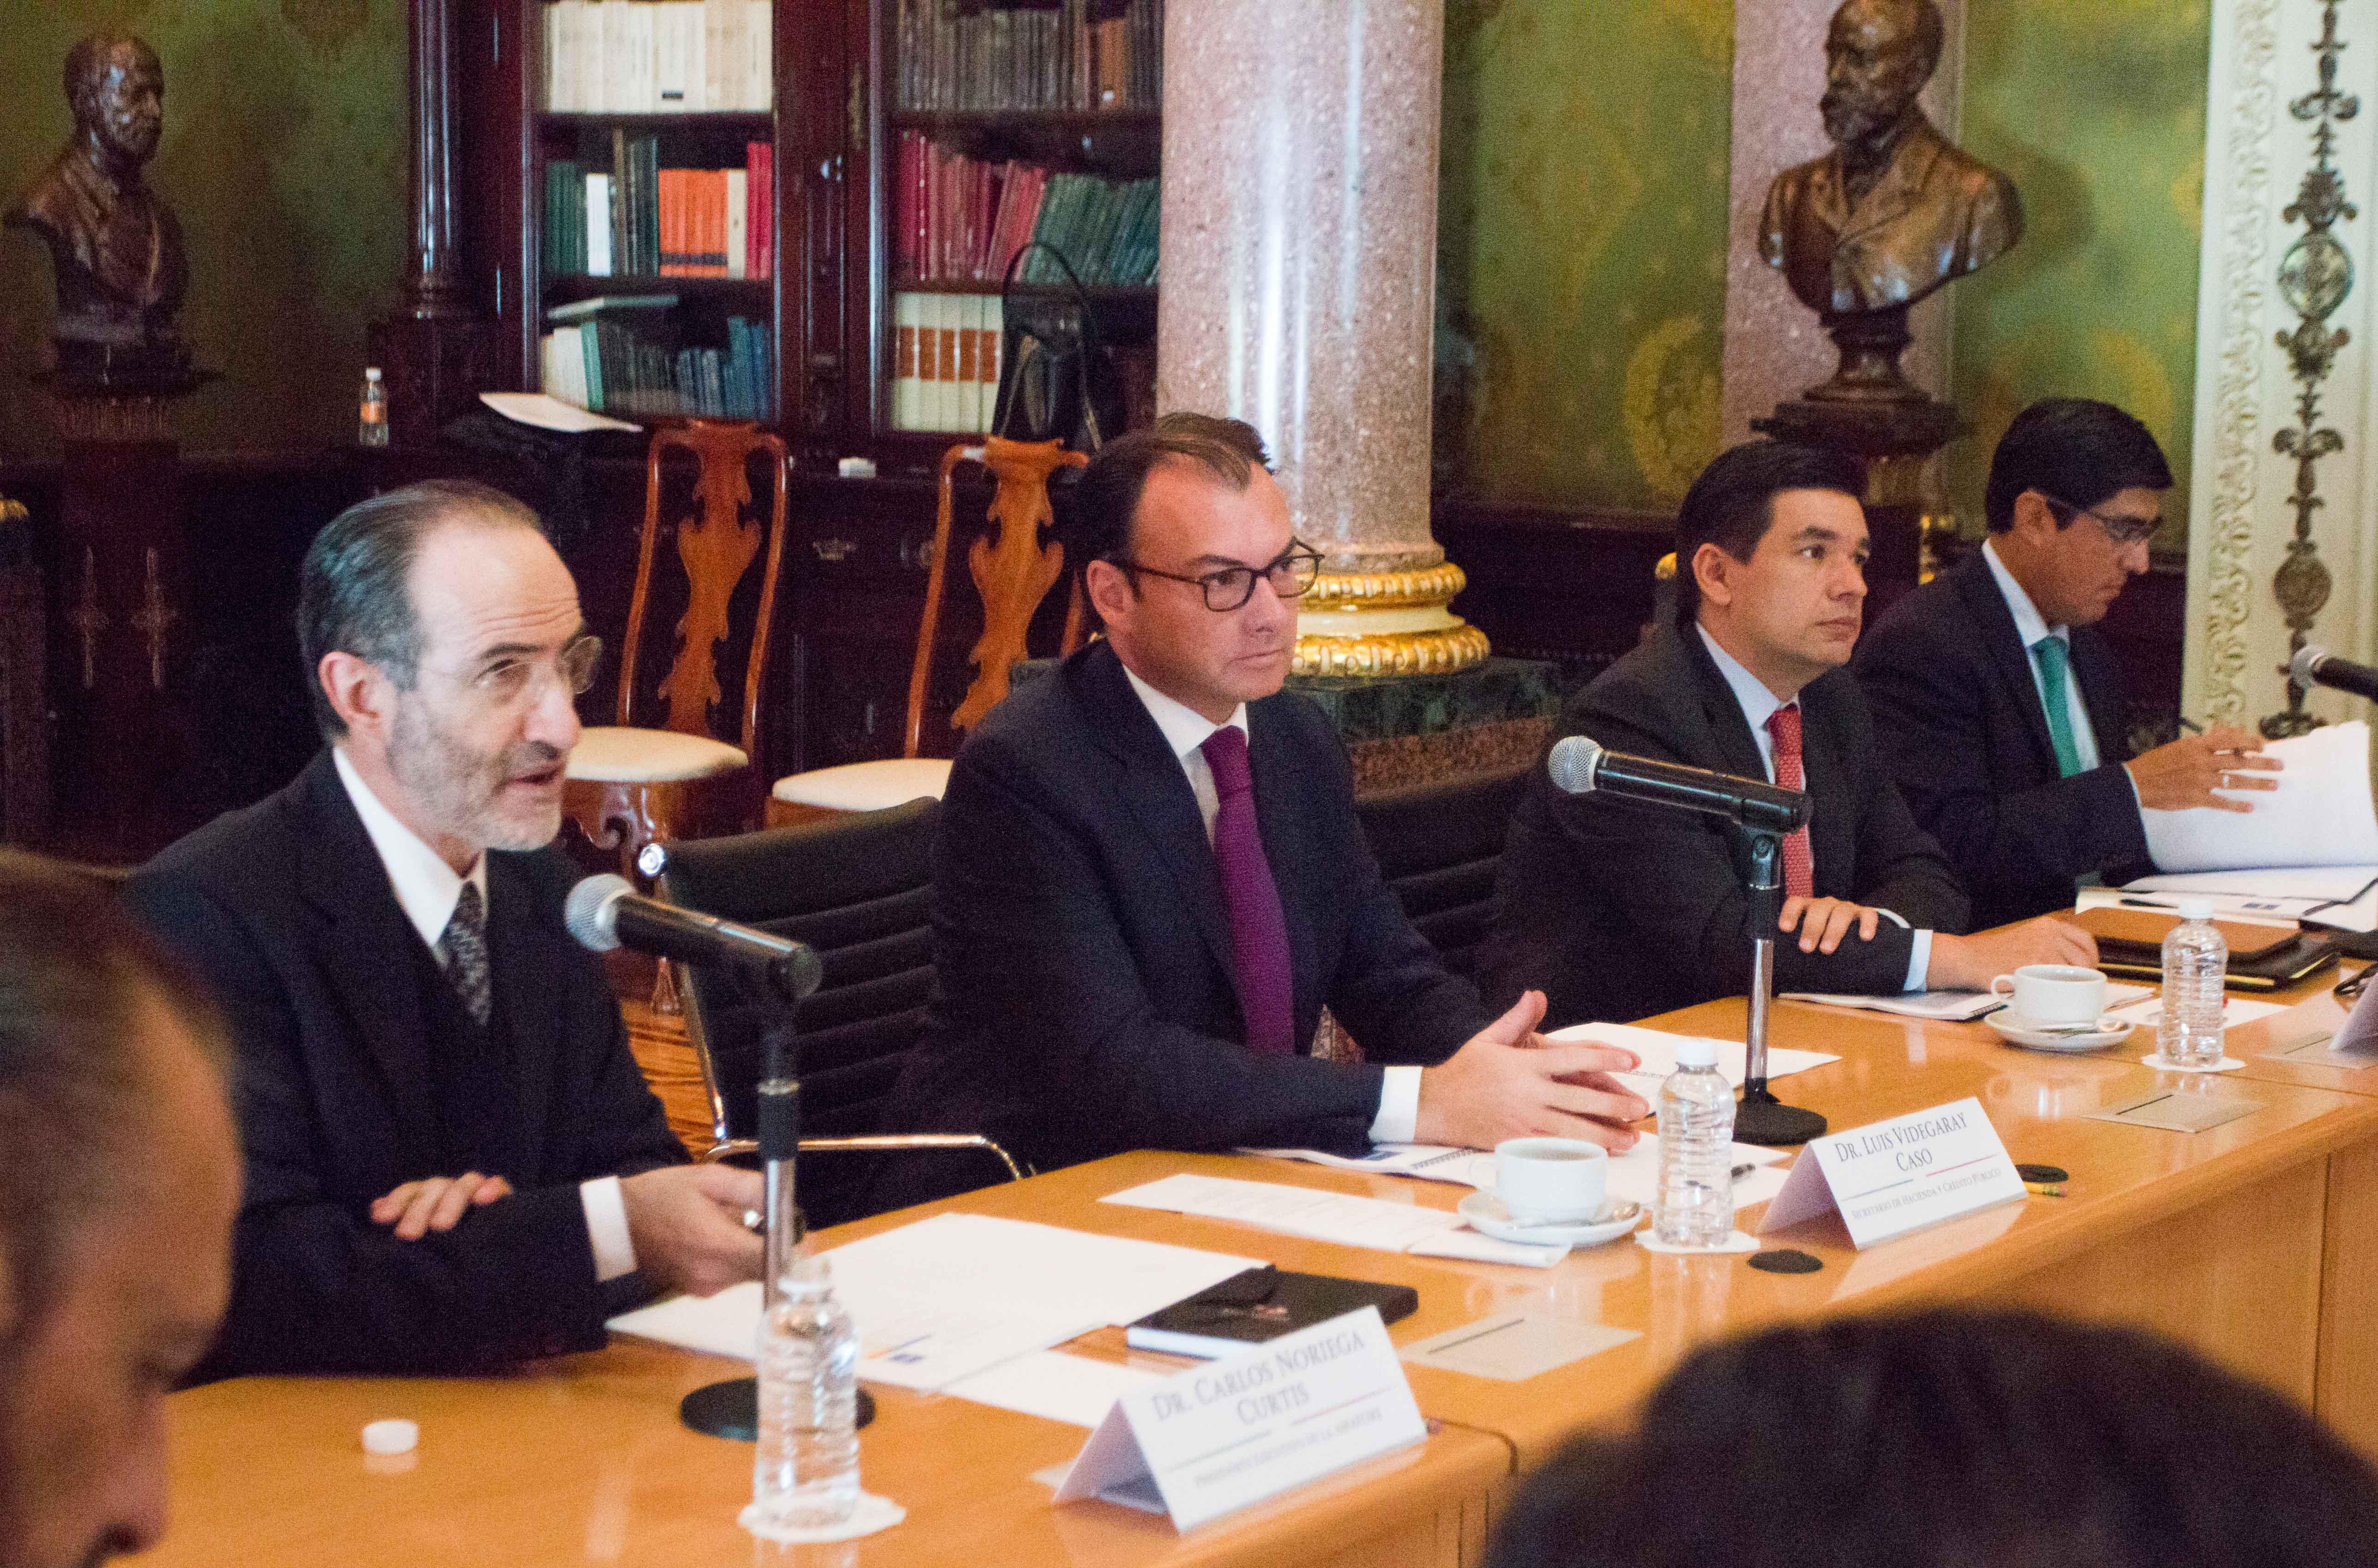 El Secretario de Hacienda con representantes de las Administradoras de Fondos para el Retiro (AFORE) y de su asociación gremial, la AMAFORE